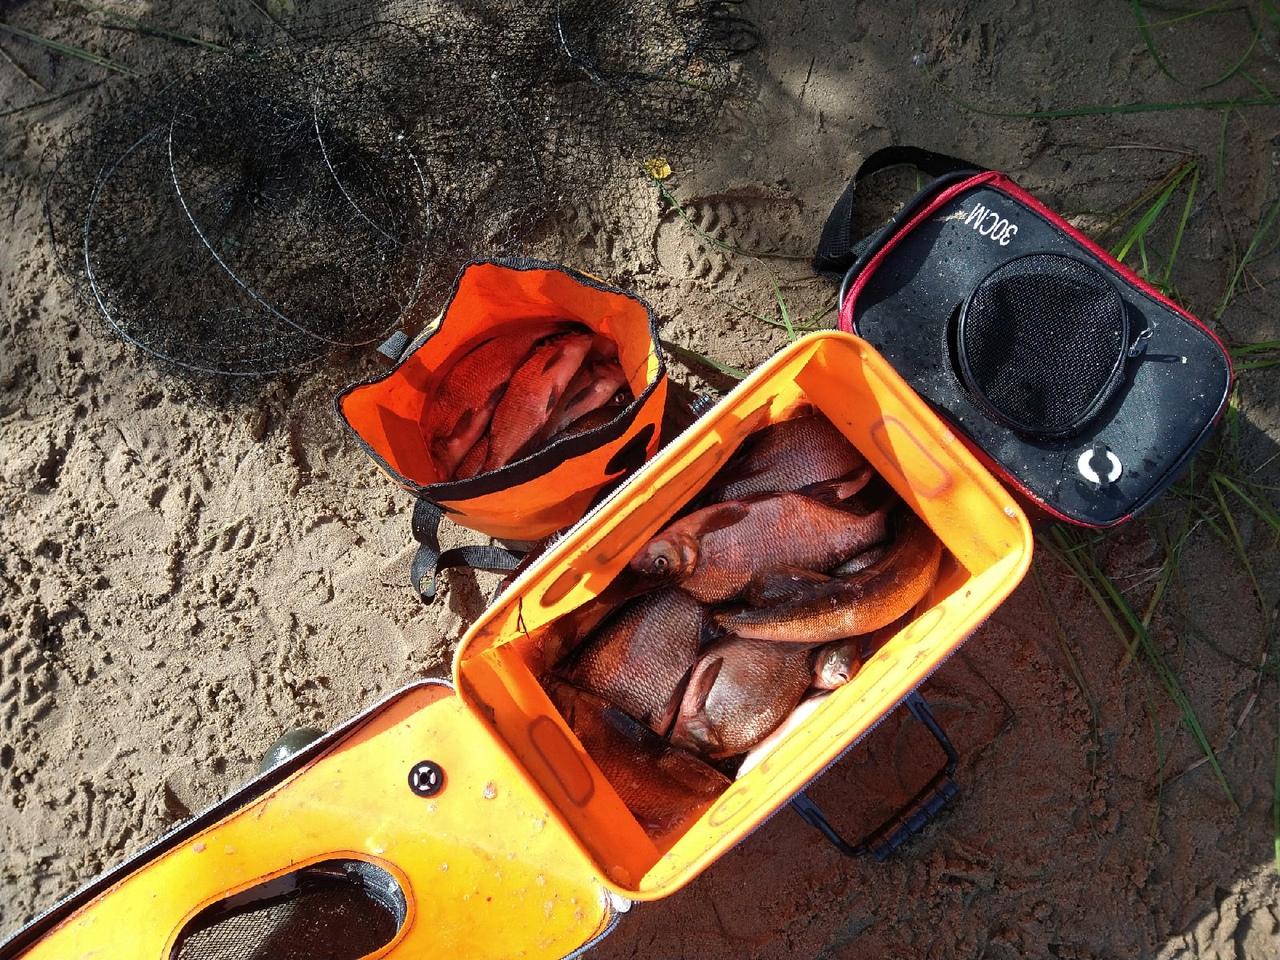 Отчет о рыбалке: Река Шуя — Эссойльское сельское поселение — Северо-Западный федеральный округ, Республика Карелия